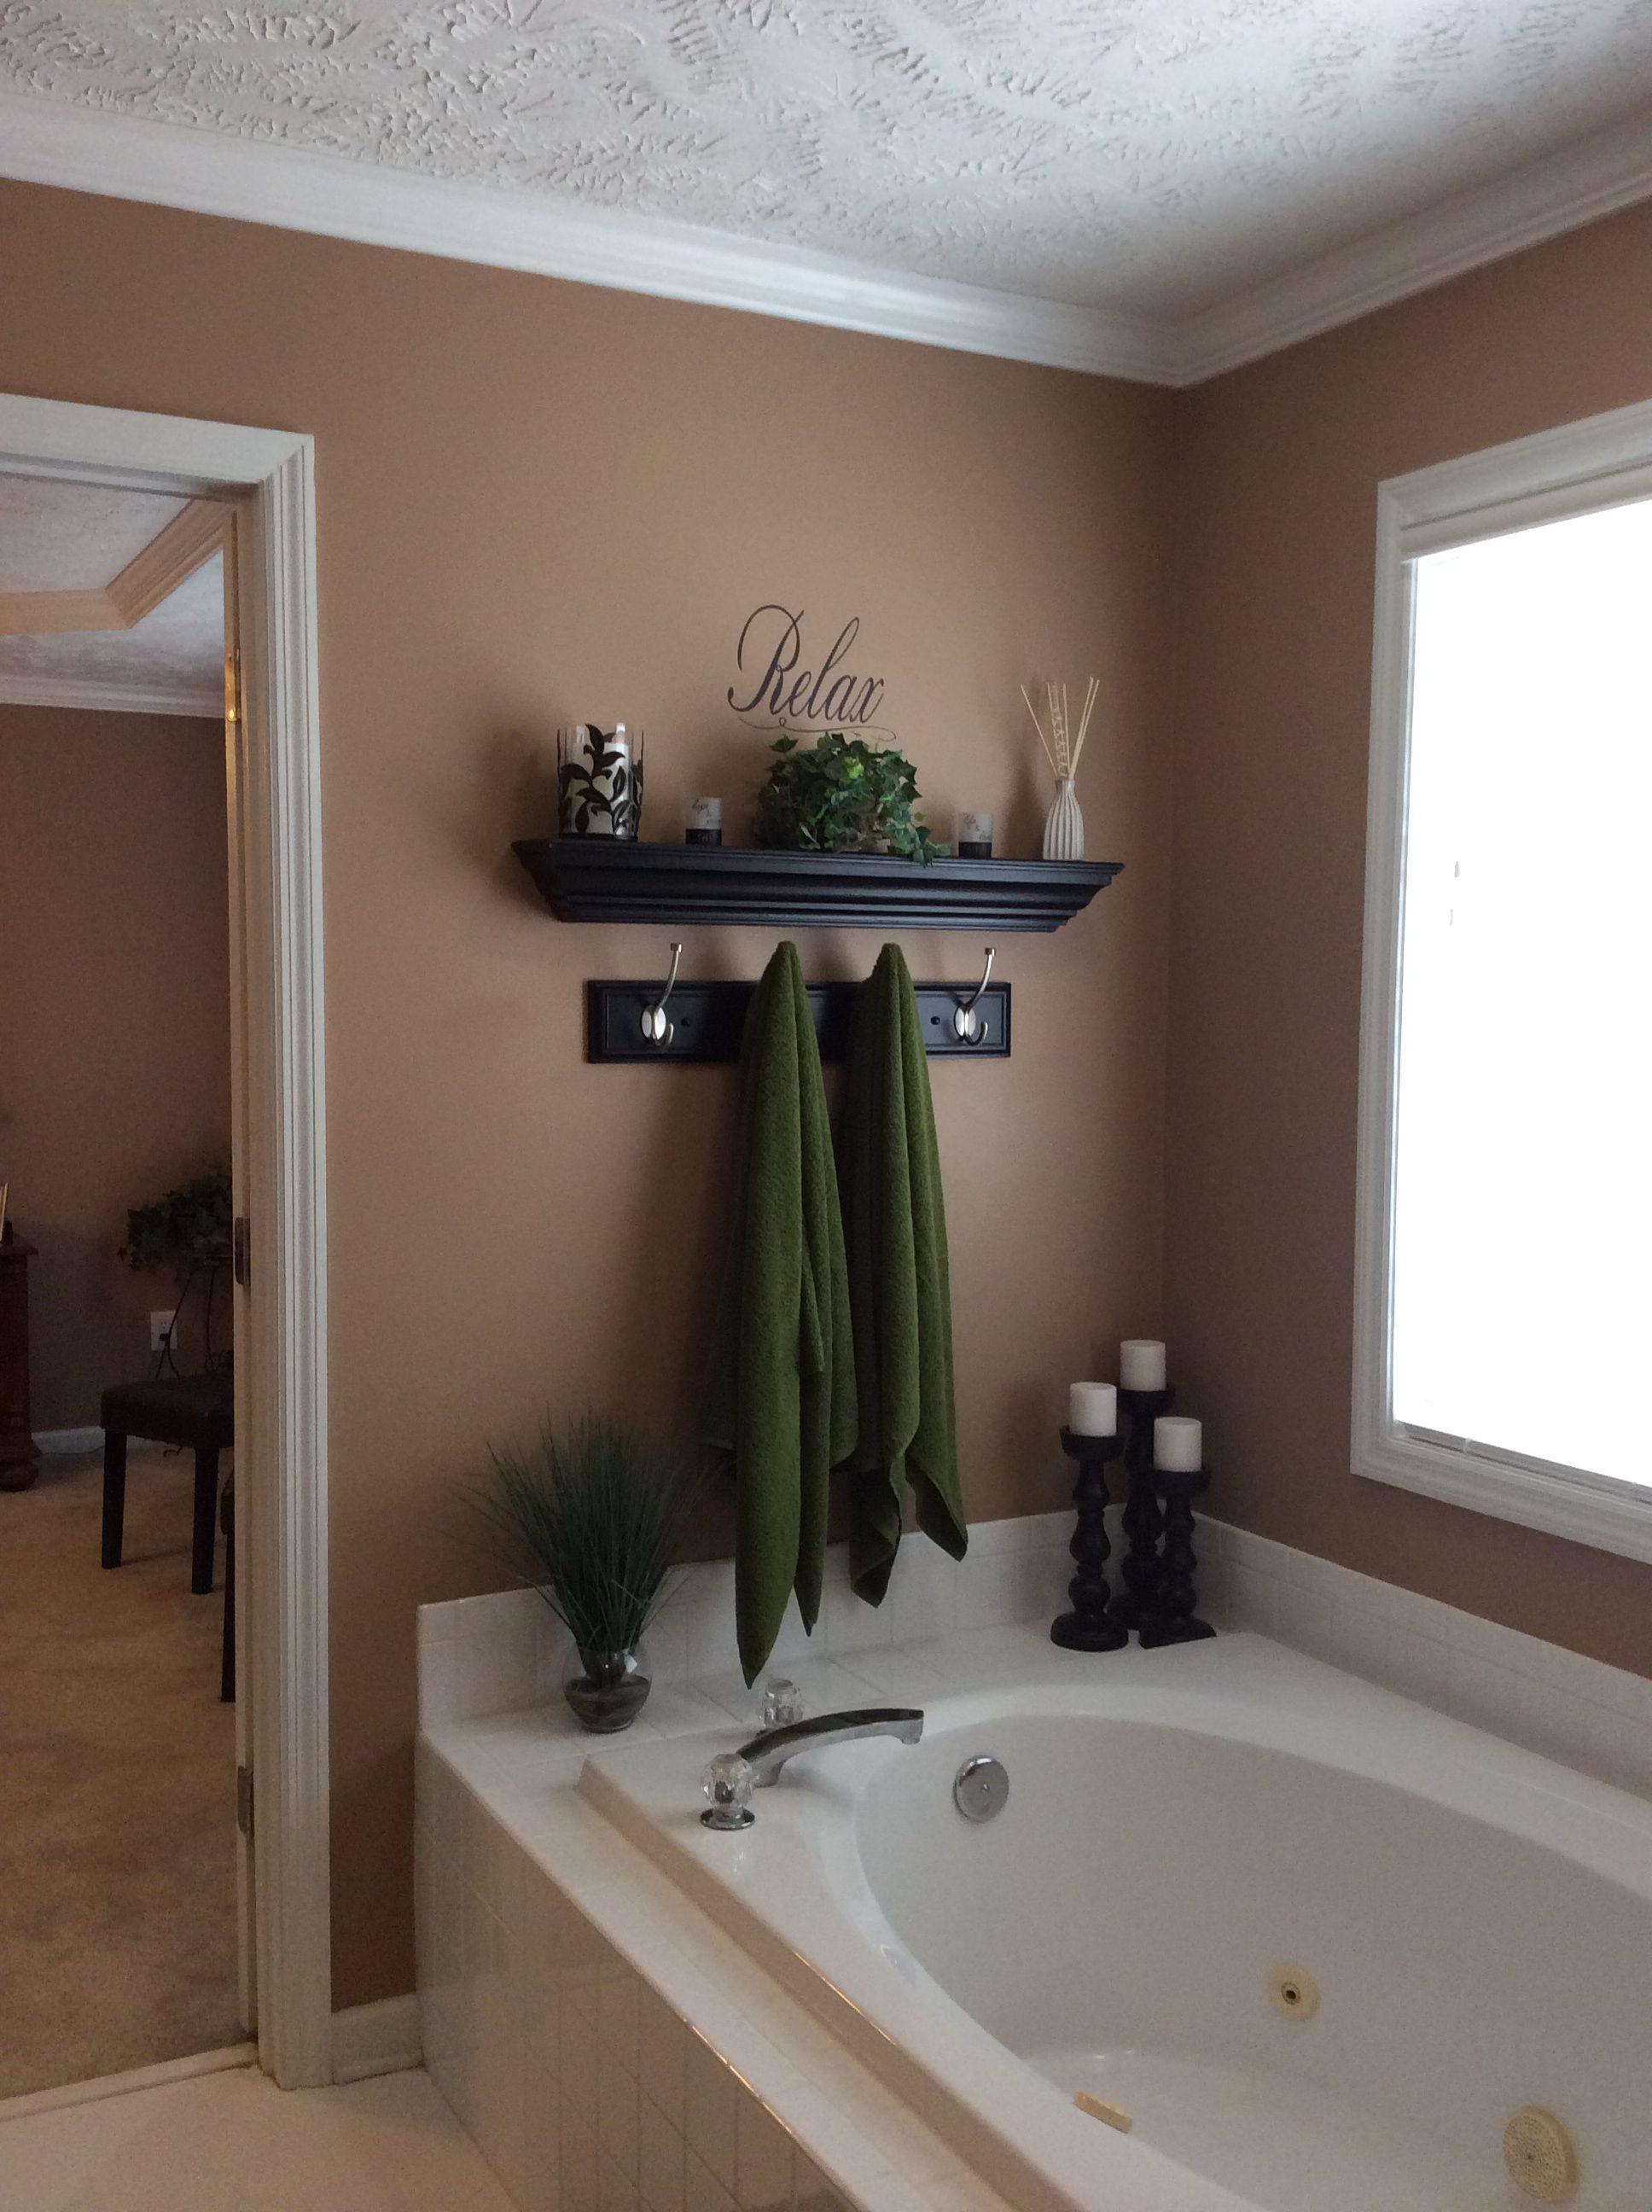 Garden tub wall decor bath towel ideas green bathroom also home in bathtub rh pinterest